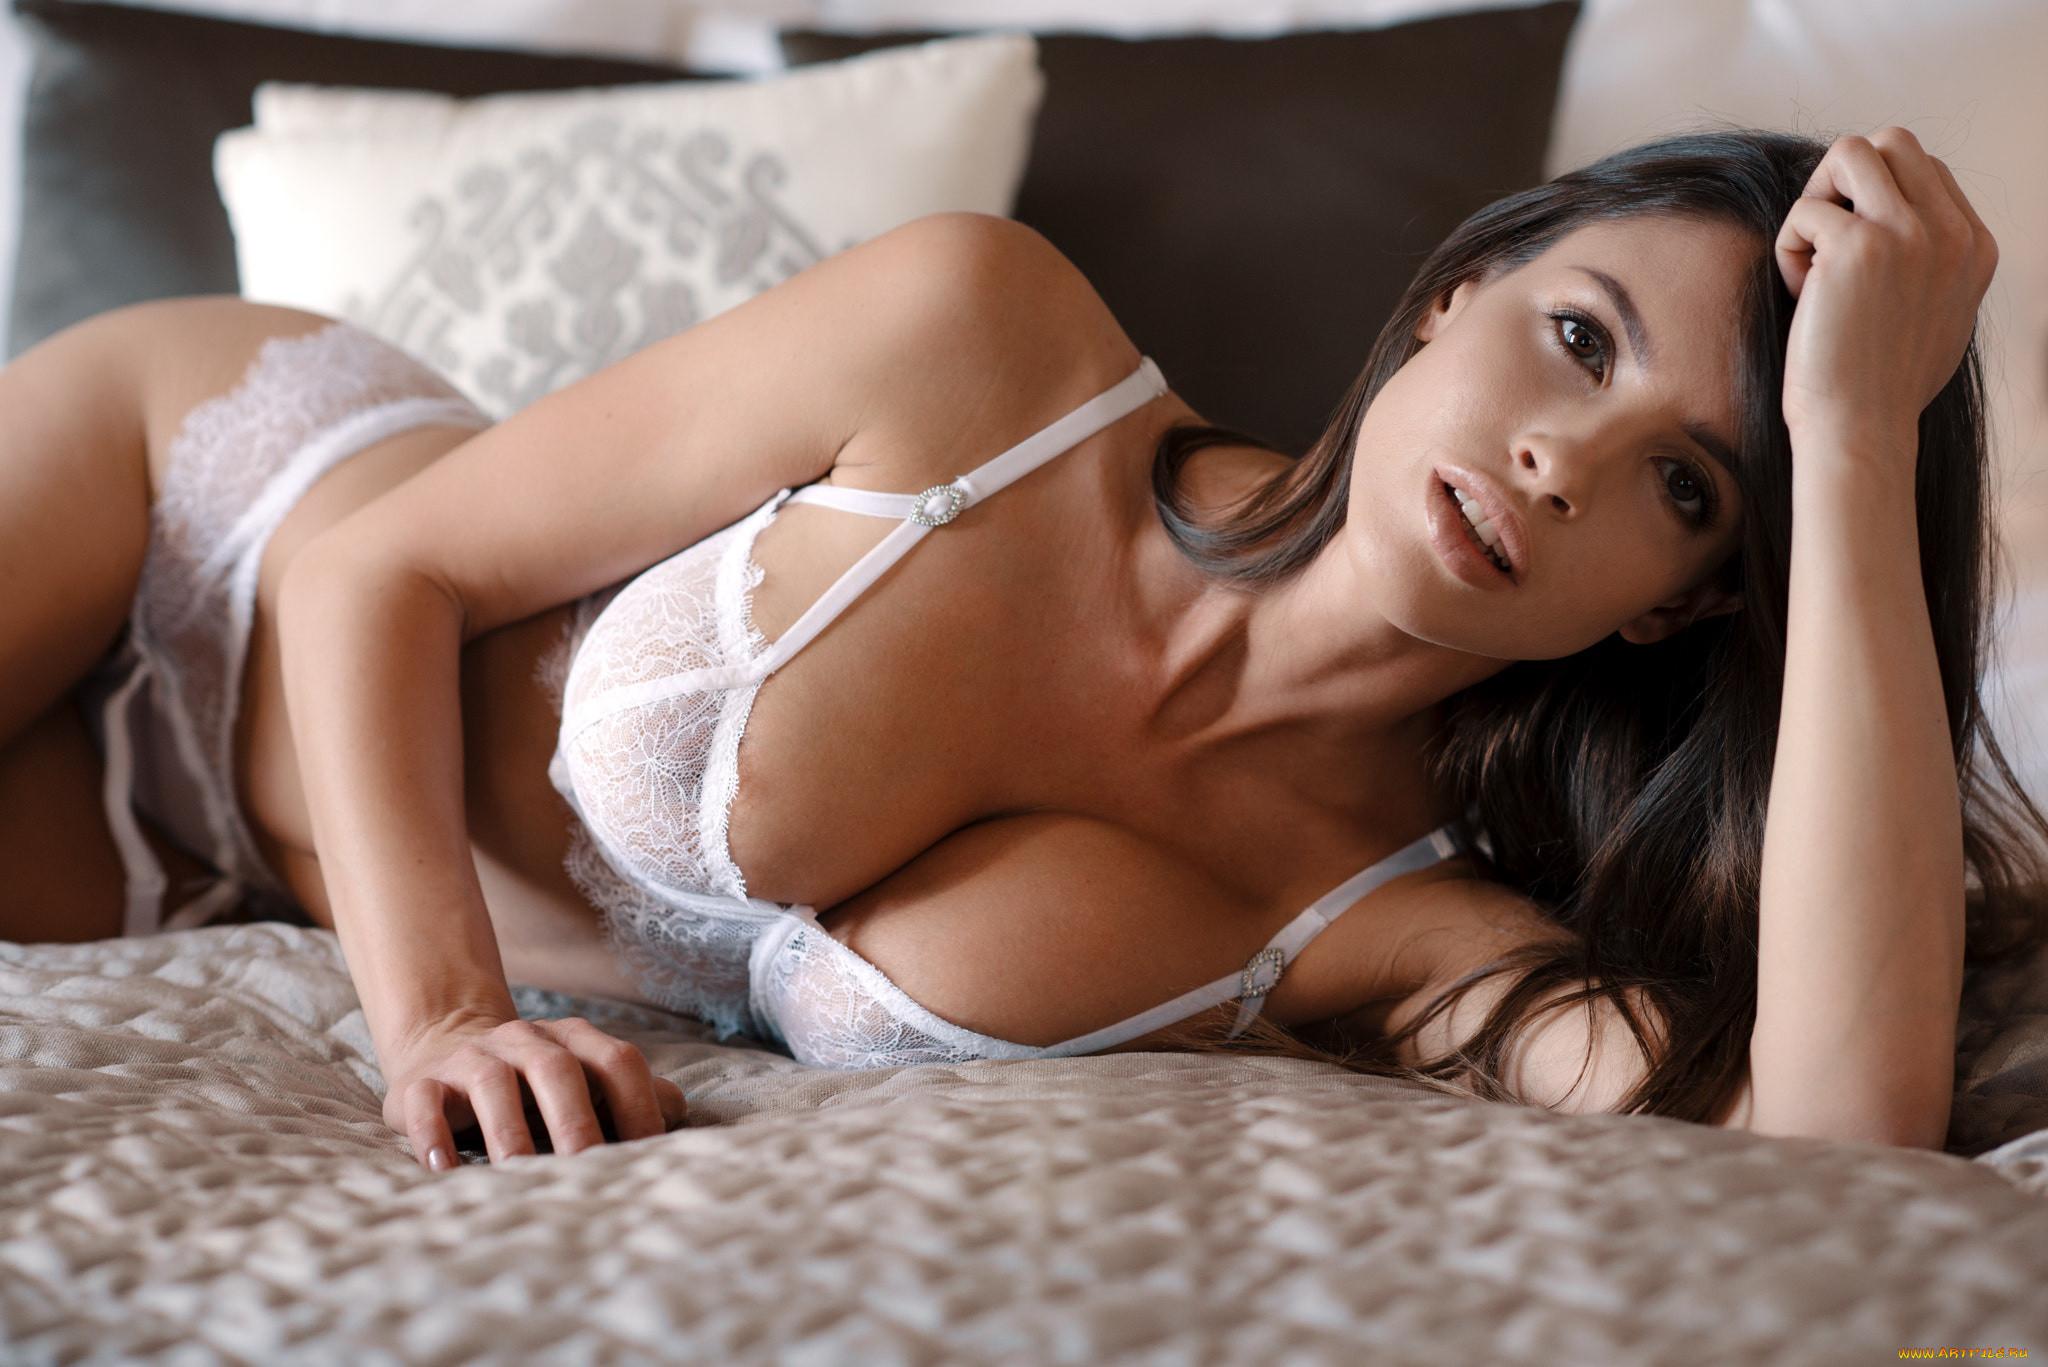 Девушки с большой грудью лежат считаю